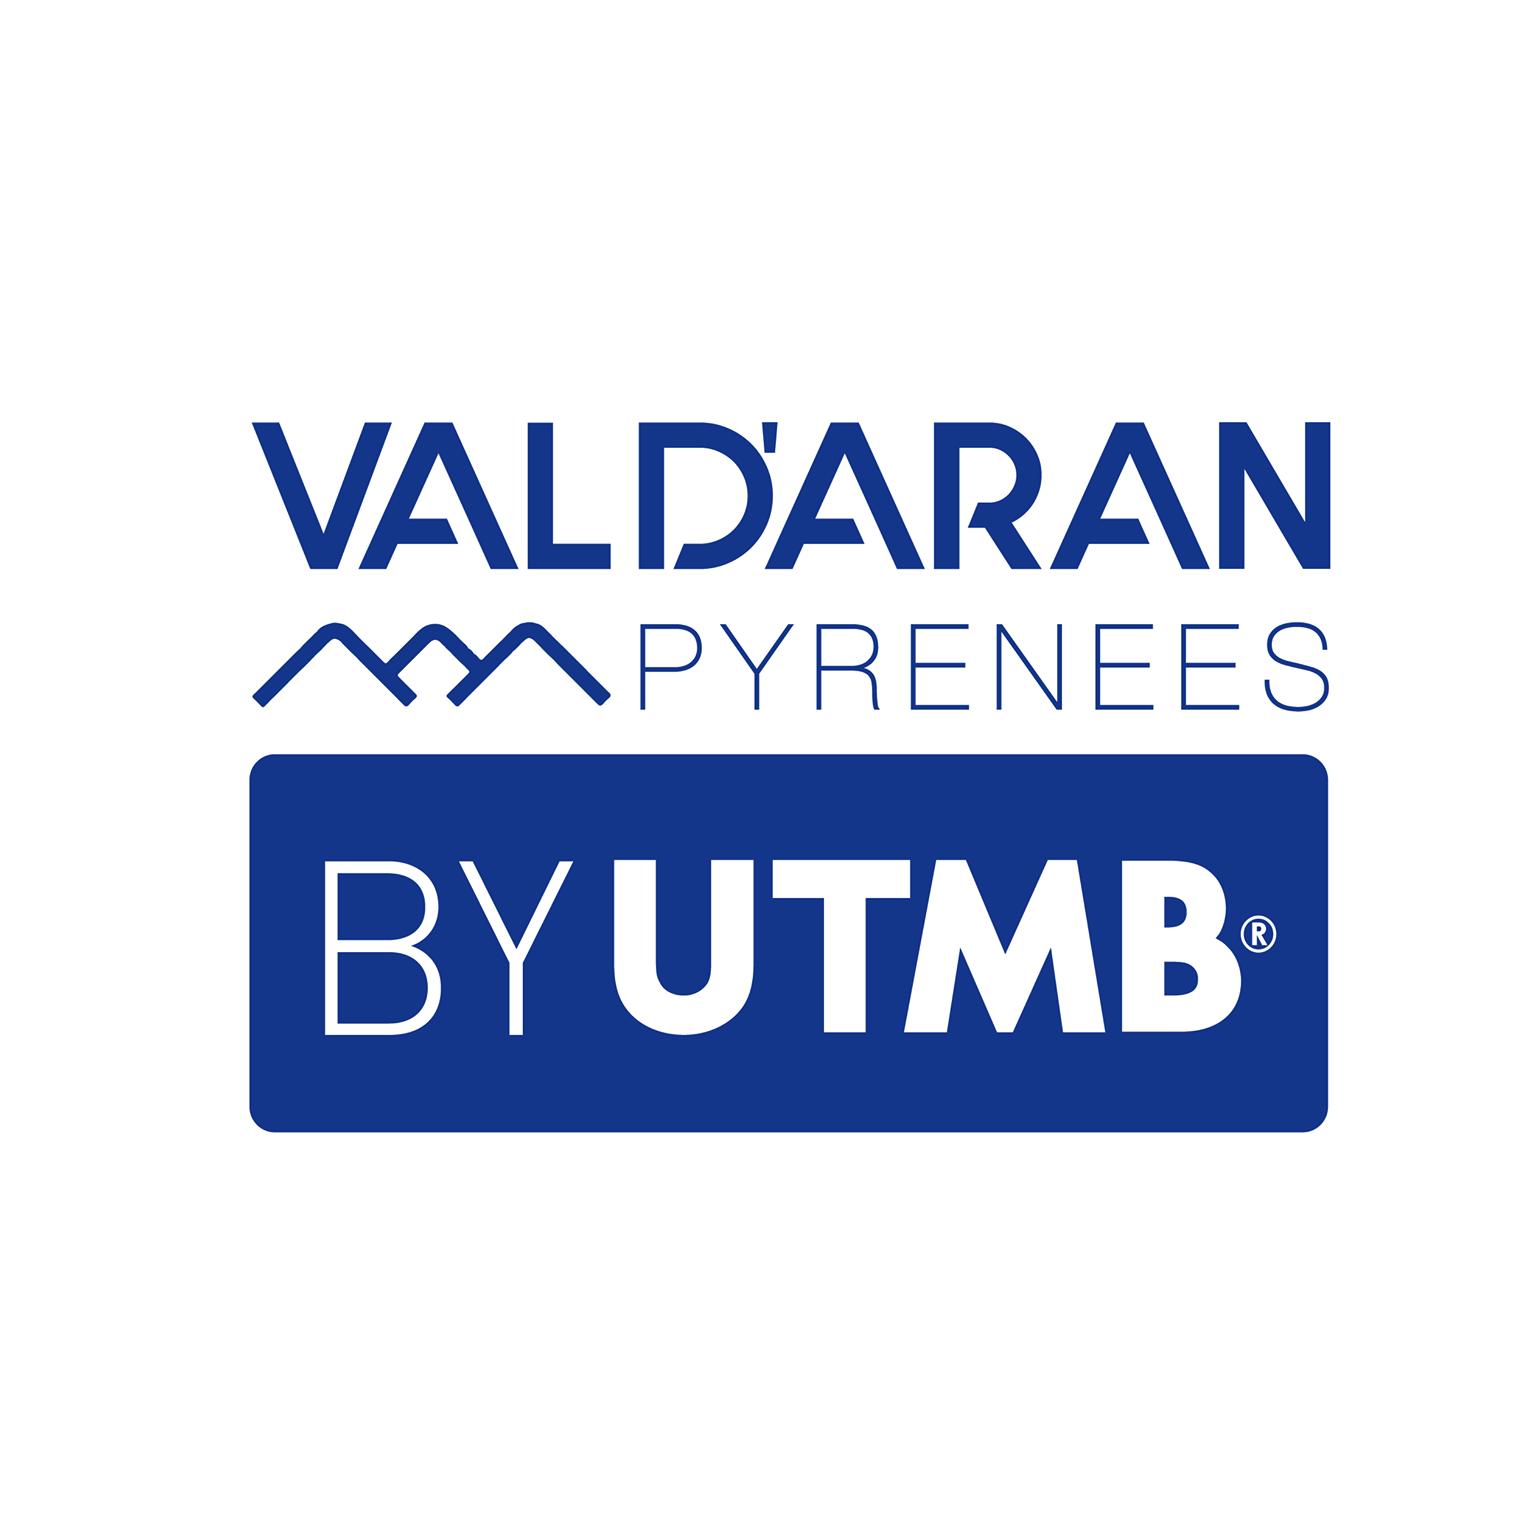 Logo-Val-Aran-by-UTMB